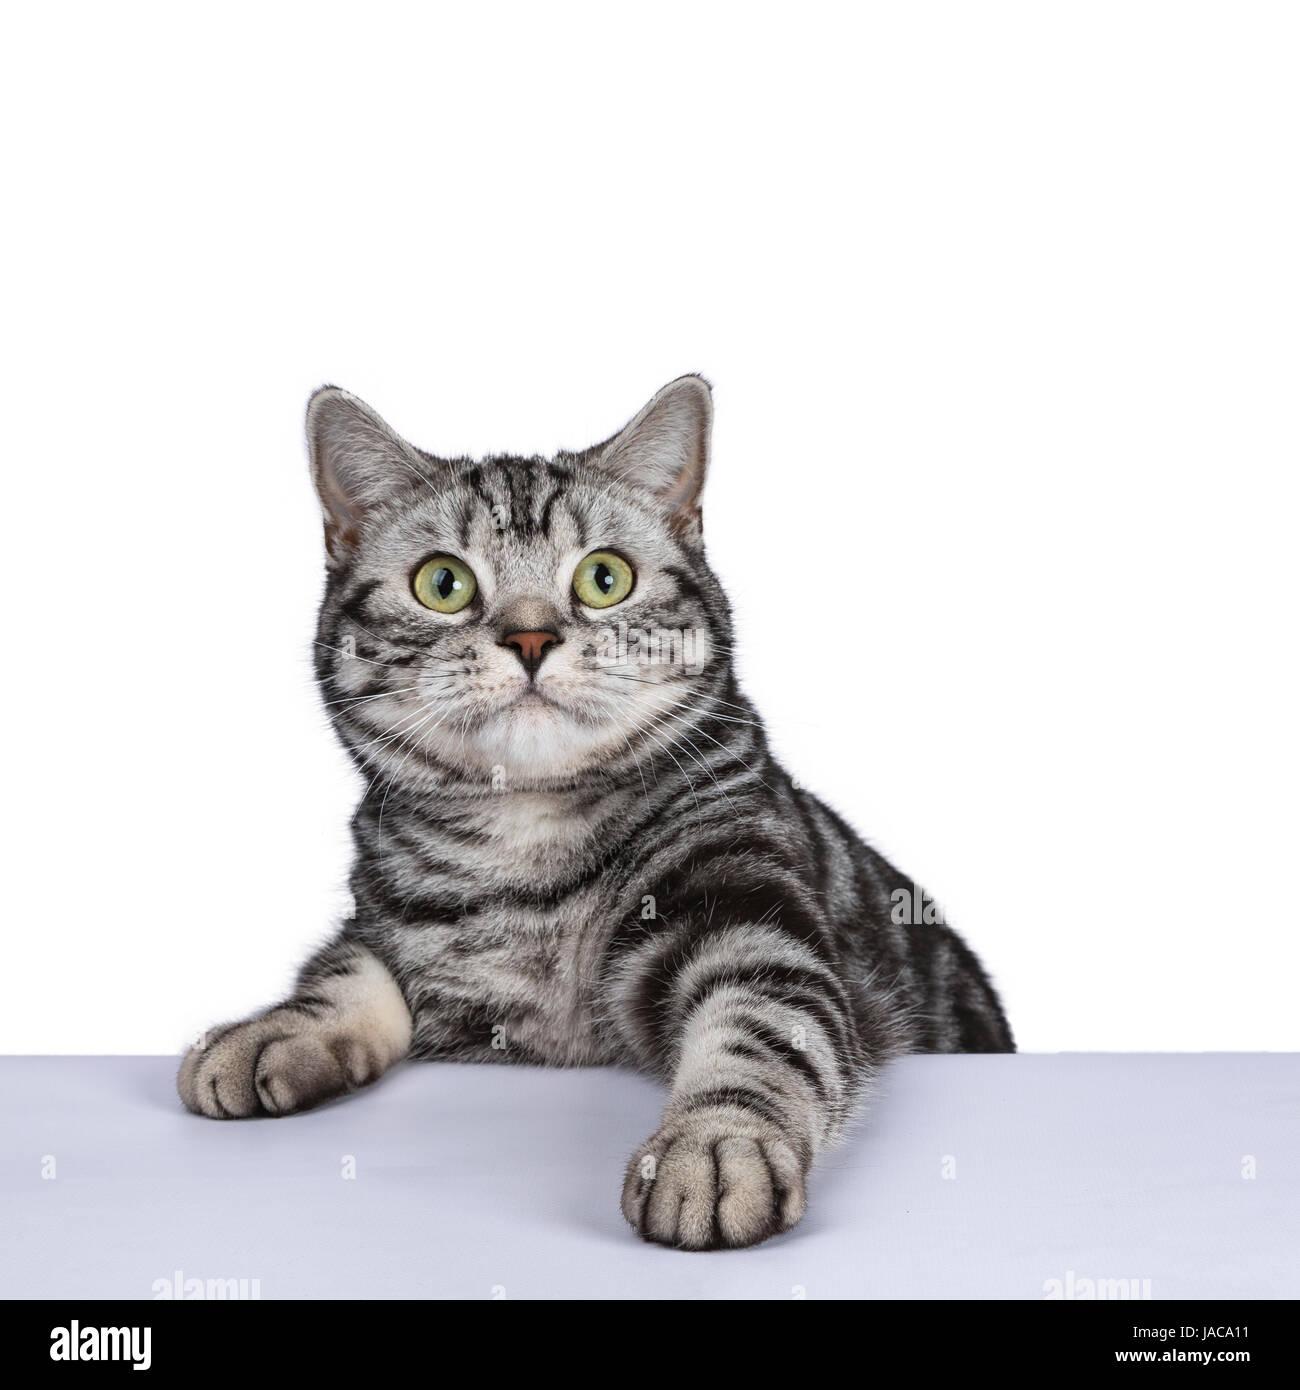 Black Tabby British Shorthair Gatto Su Sfondo Bianco Appeso Sulla